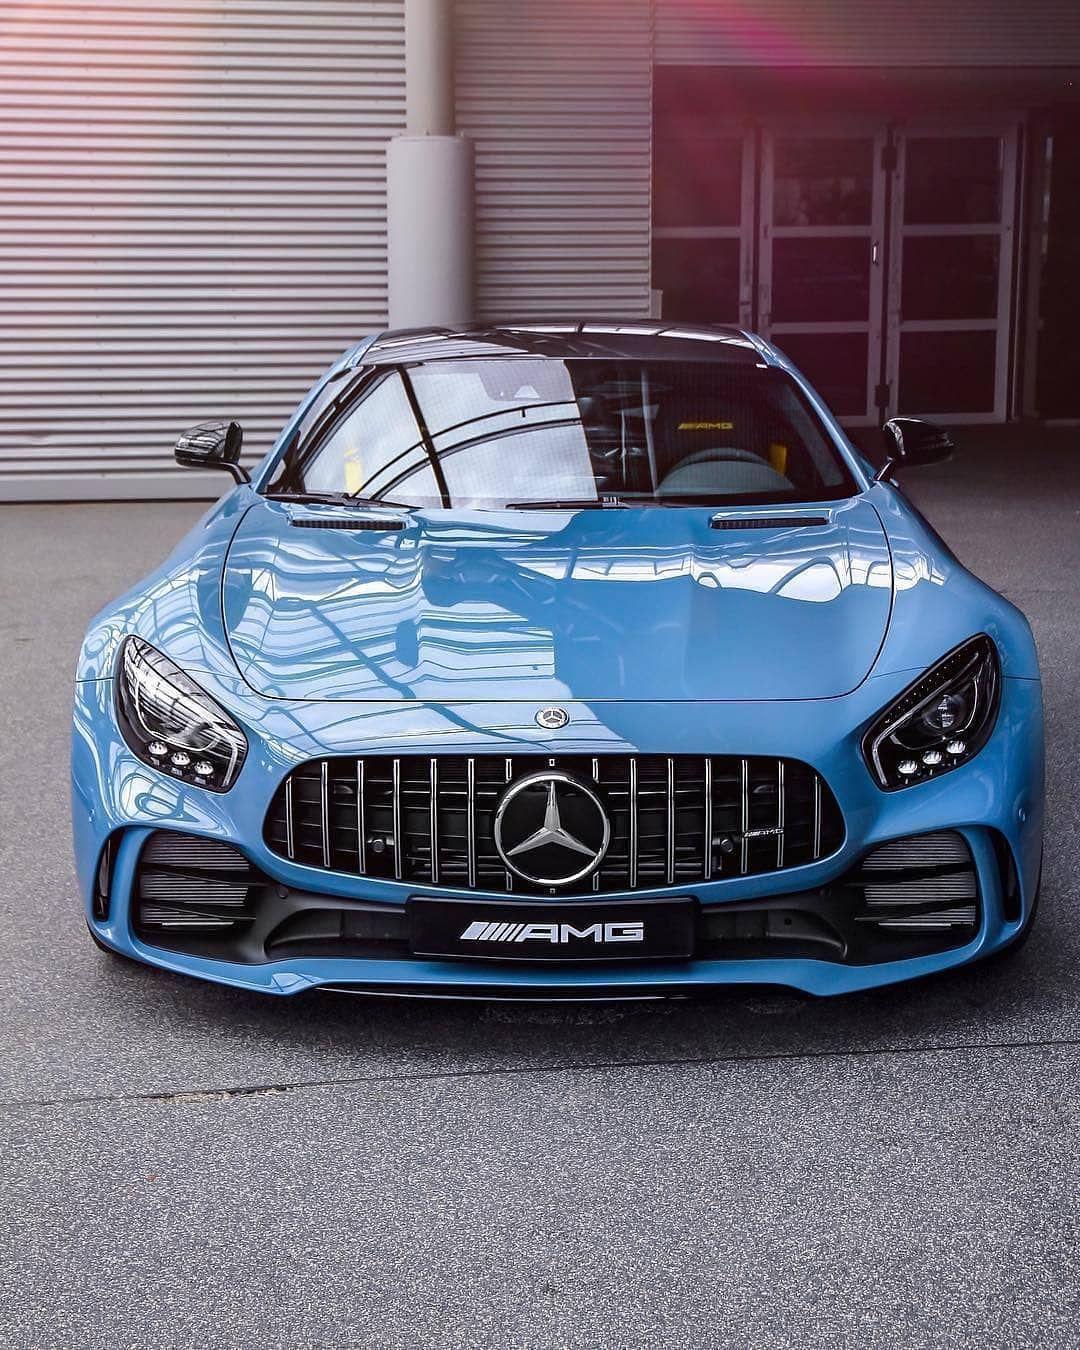 Mercedes Benz Amg Gtr: メルセデスベンツamg, すごい車, スポーツカー